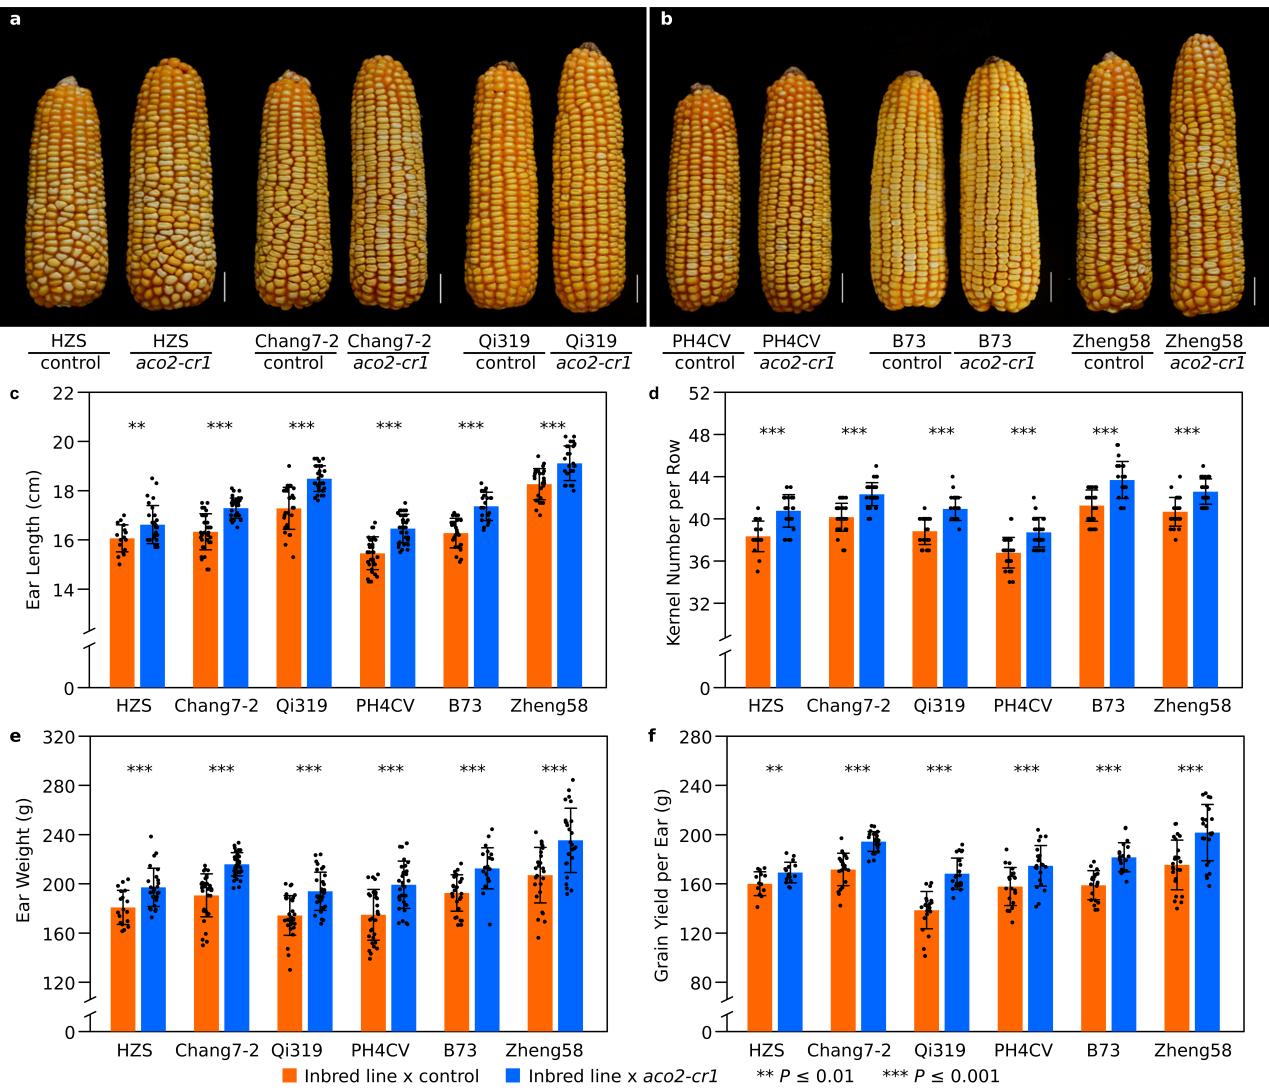 图1 ZmACO2基因敲除家系衍生杂交种的产量相关性状评价